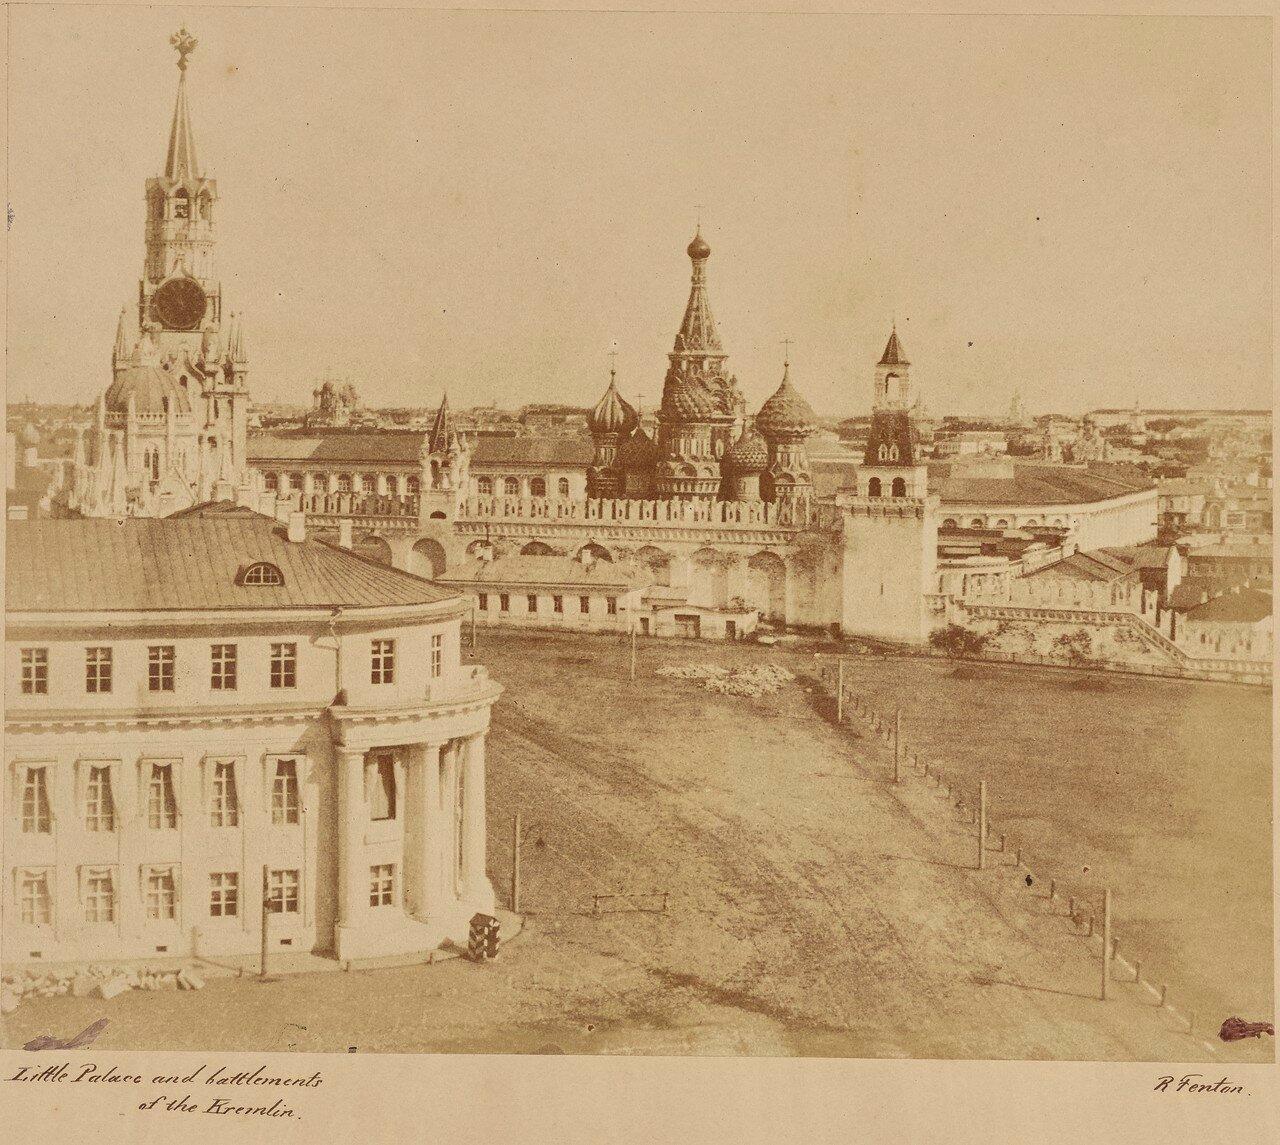 Малый Николаевский дворец и Кремлевские стены